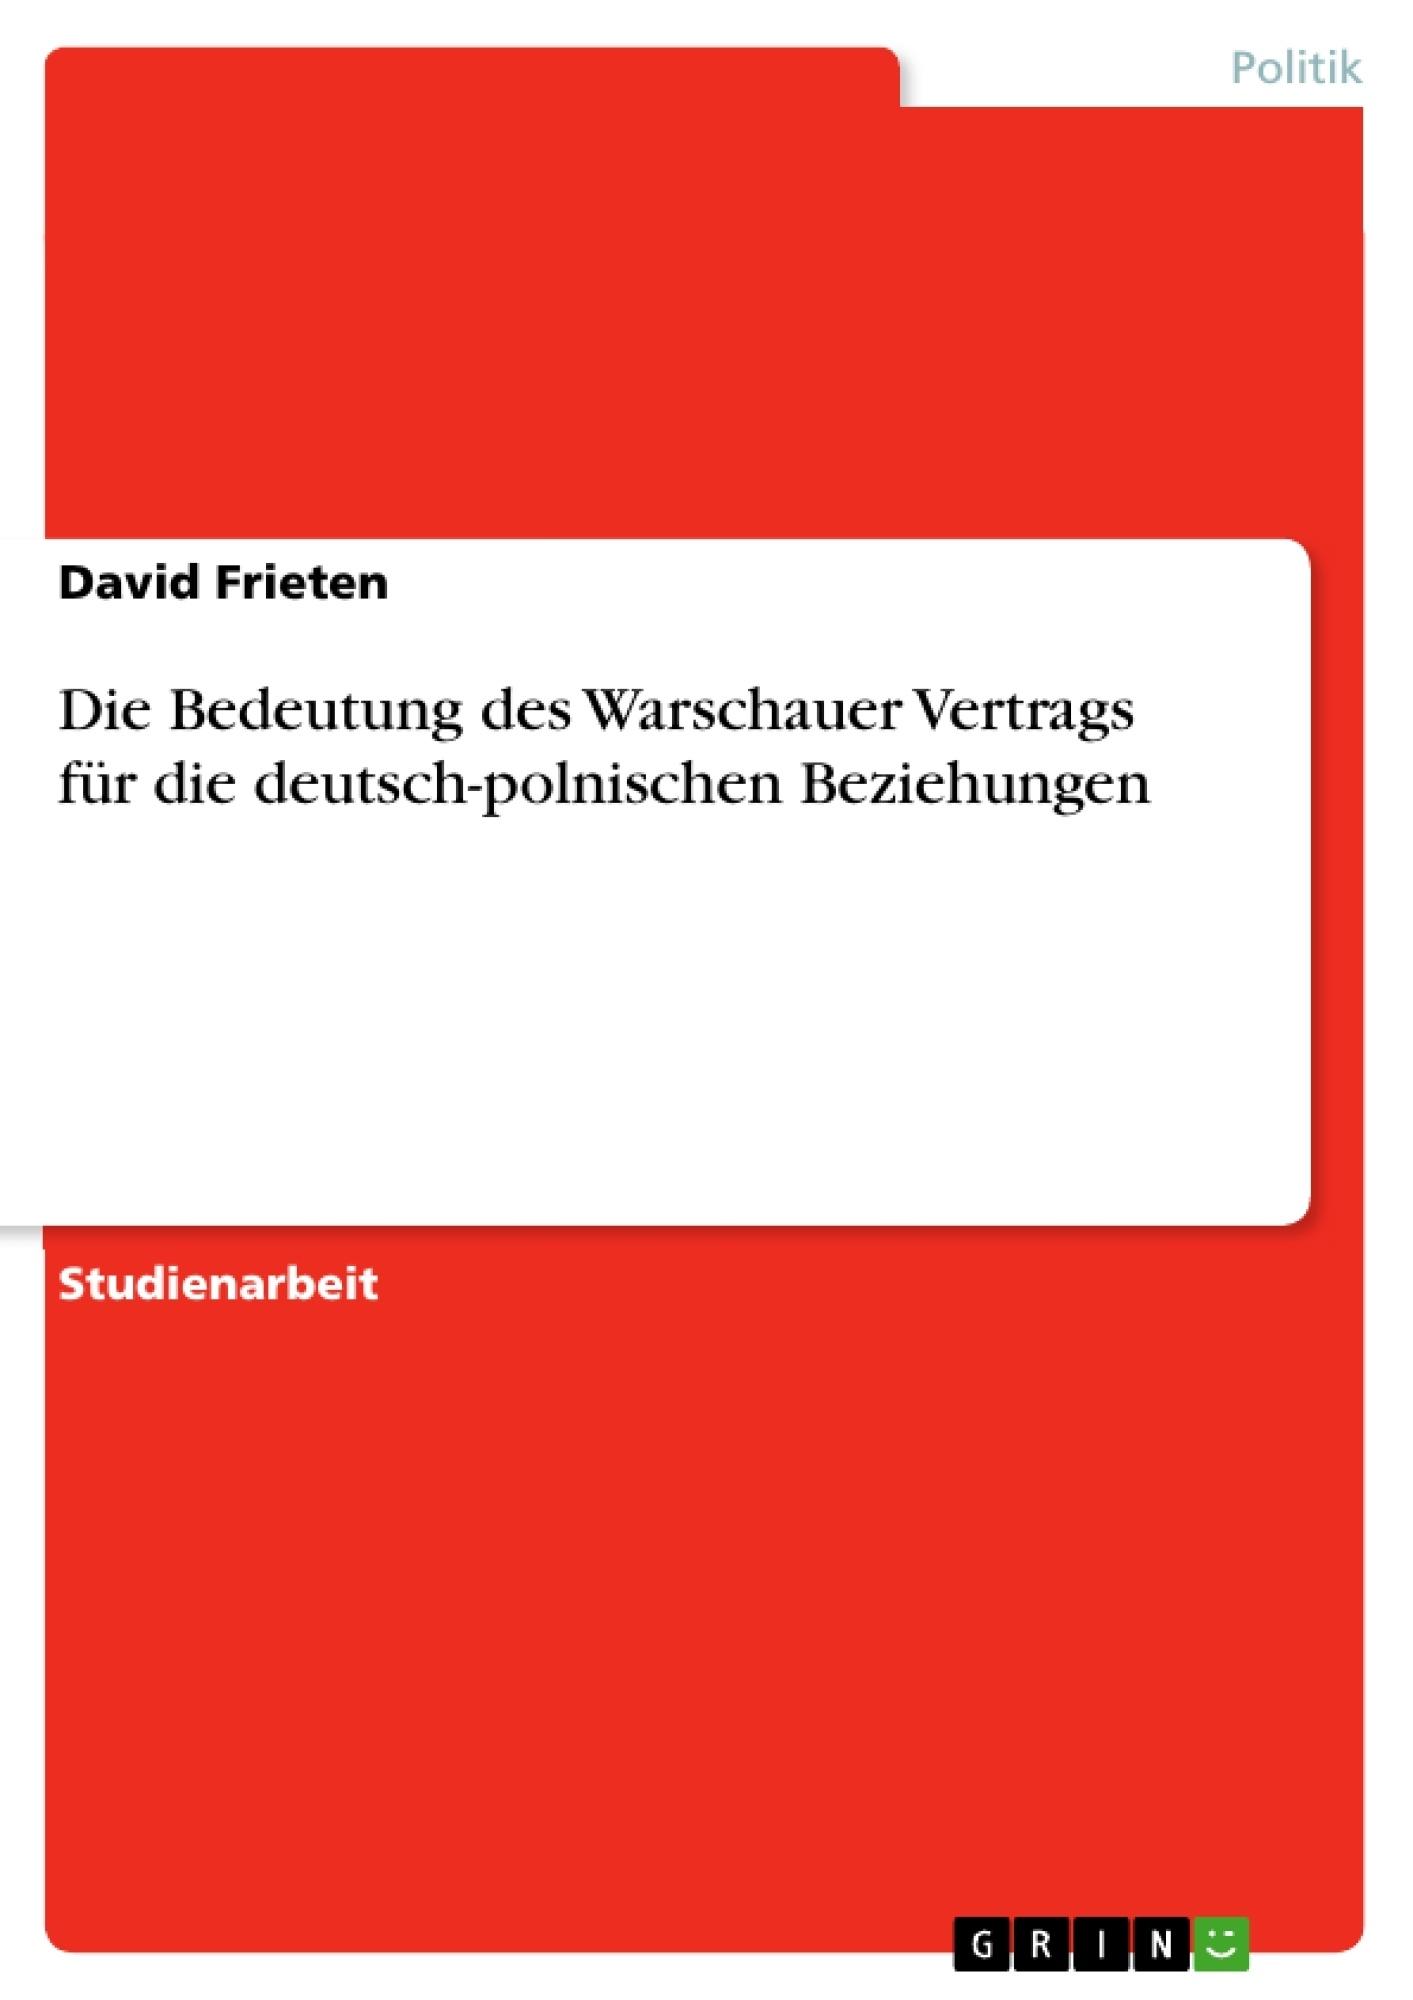 Titel: Die Bedeutung des Warschauer Vertrags für die deutsch-polnischen Beziehungen